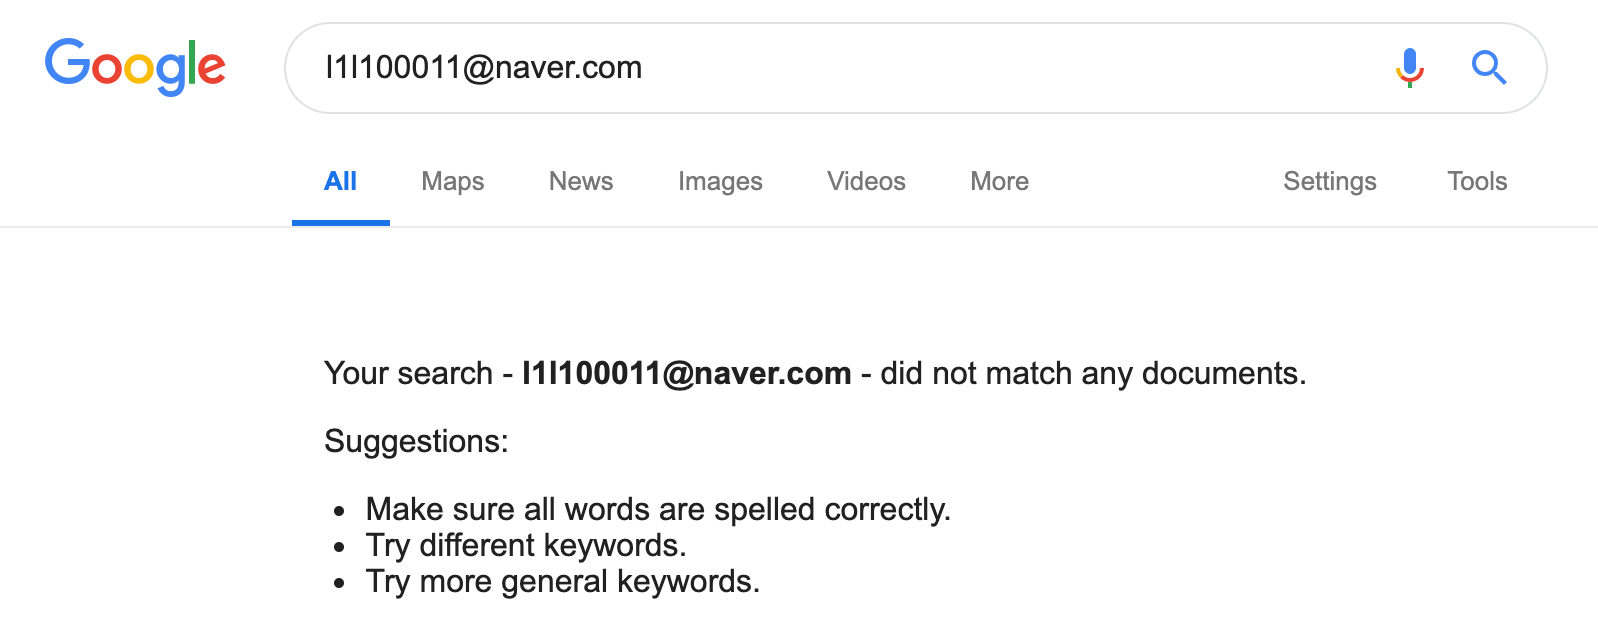 l1l100011_naver_com_-_Google_Search.png